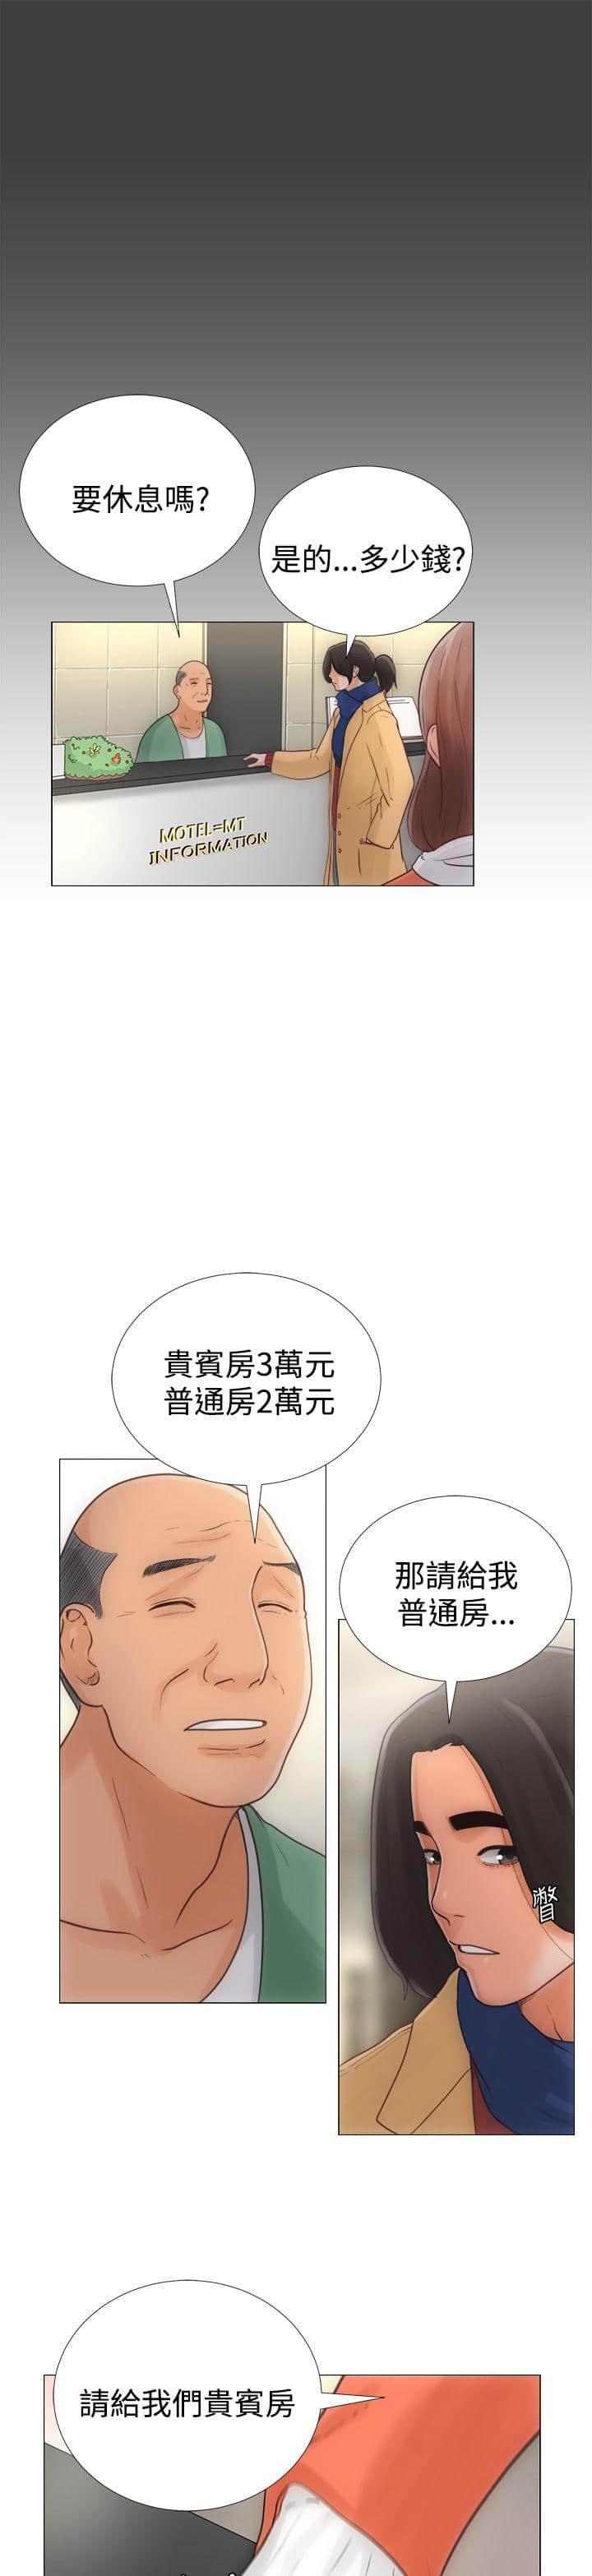 大奥十八景漫画大全 2021最新漫画